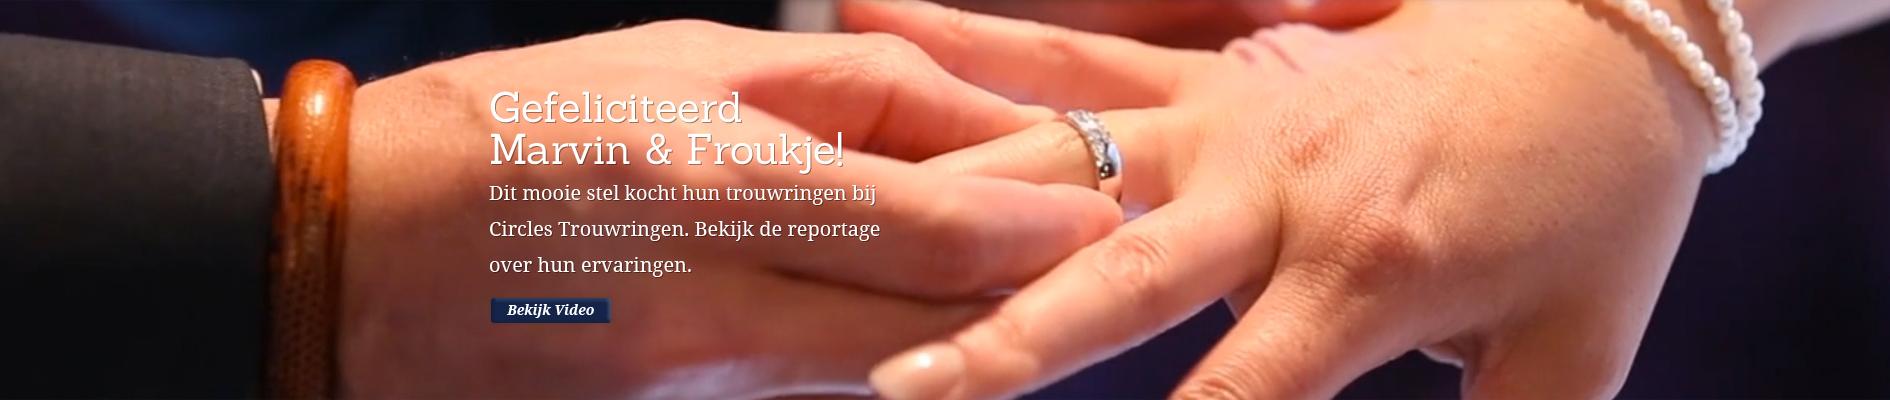 Gefeliciteerd Marvin & Froukje